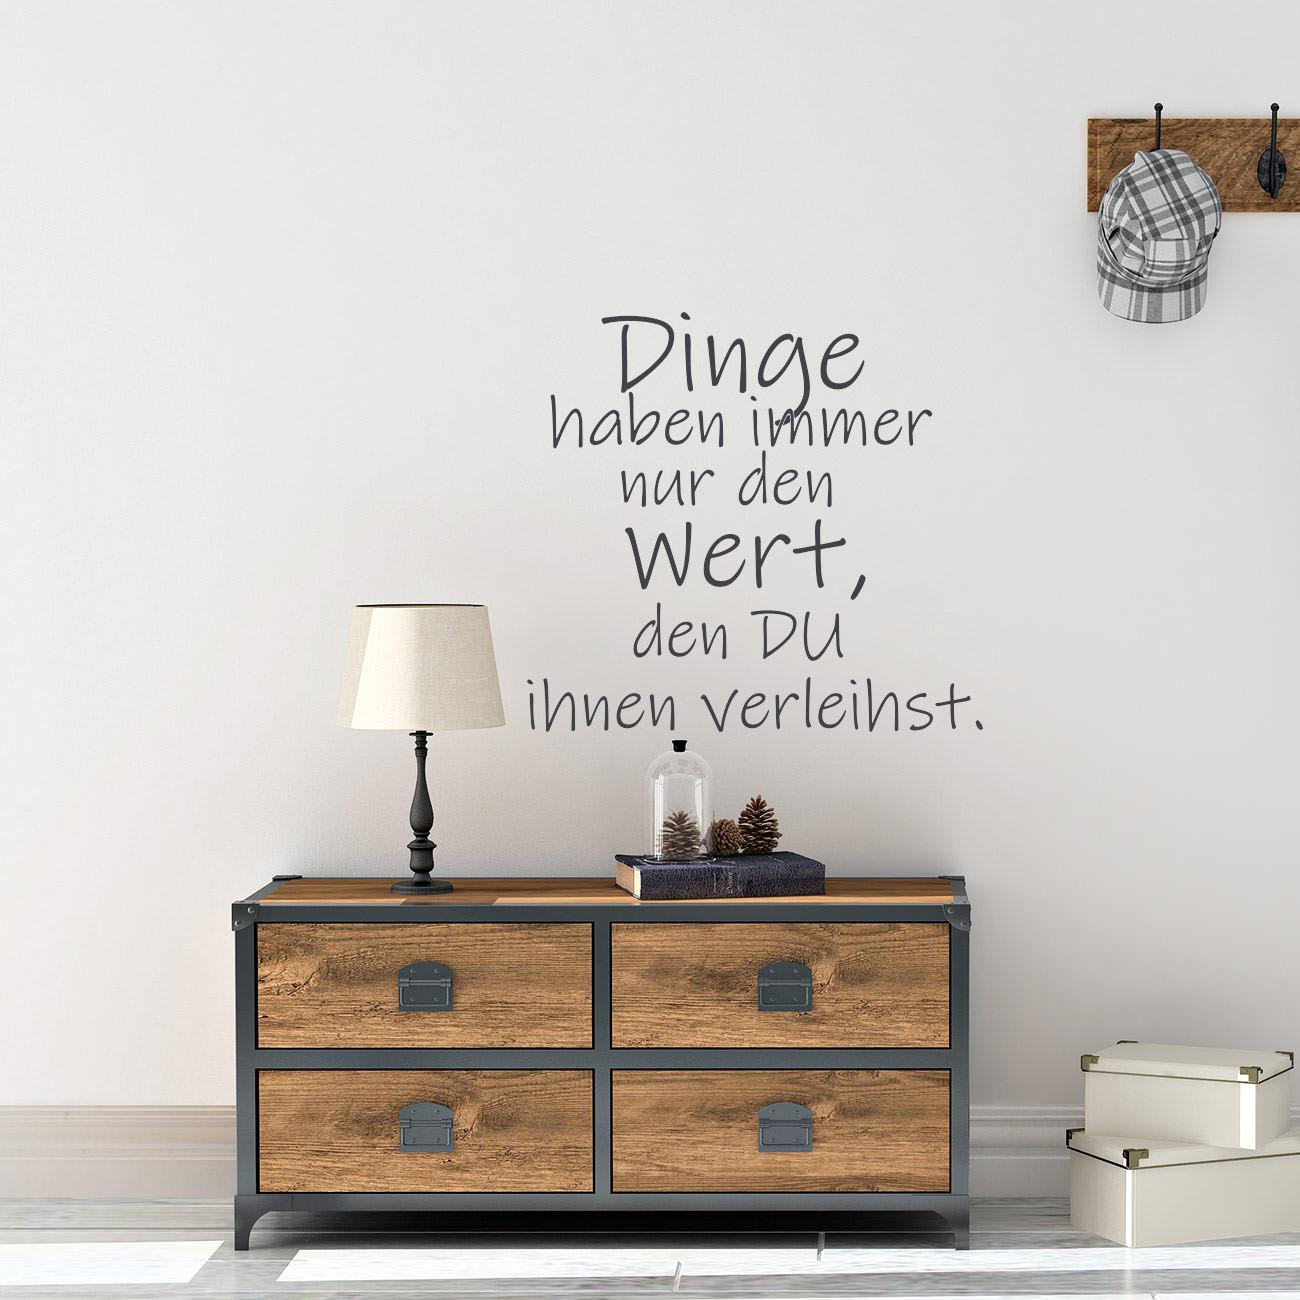 Wunsch-Text für Ihre Wände | Türen DIY | Wandtattoo selber gestalten